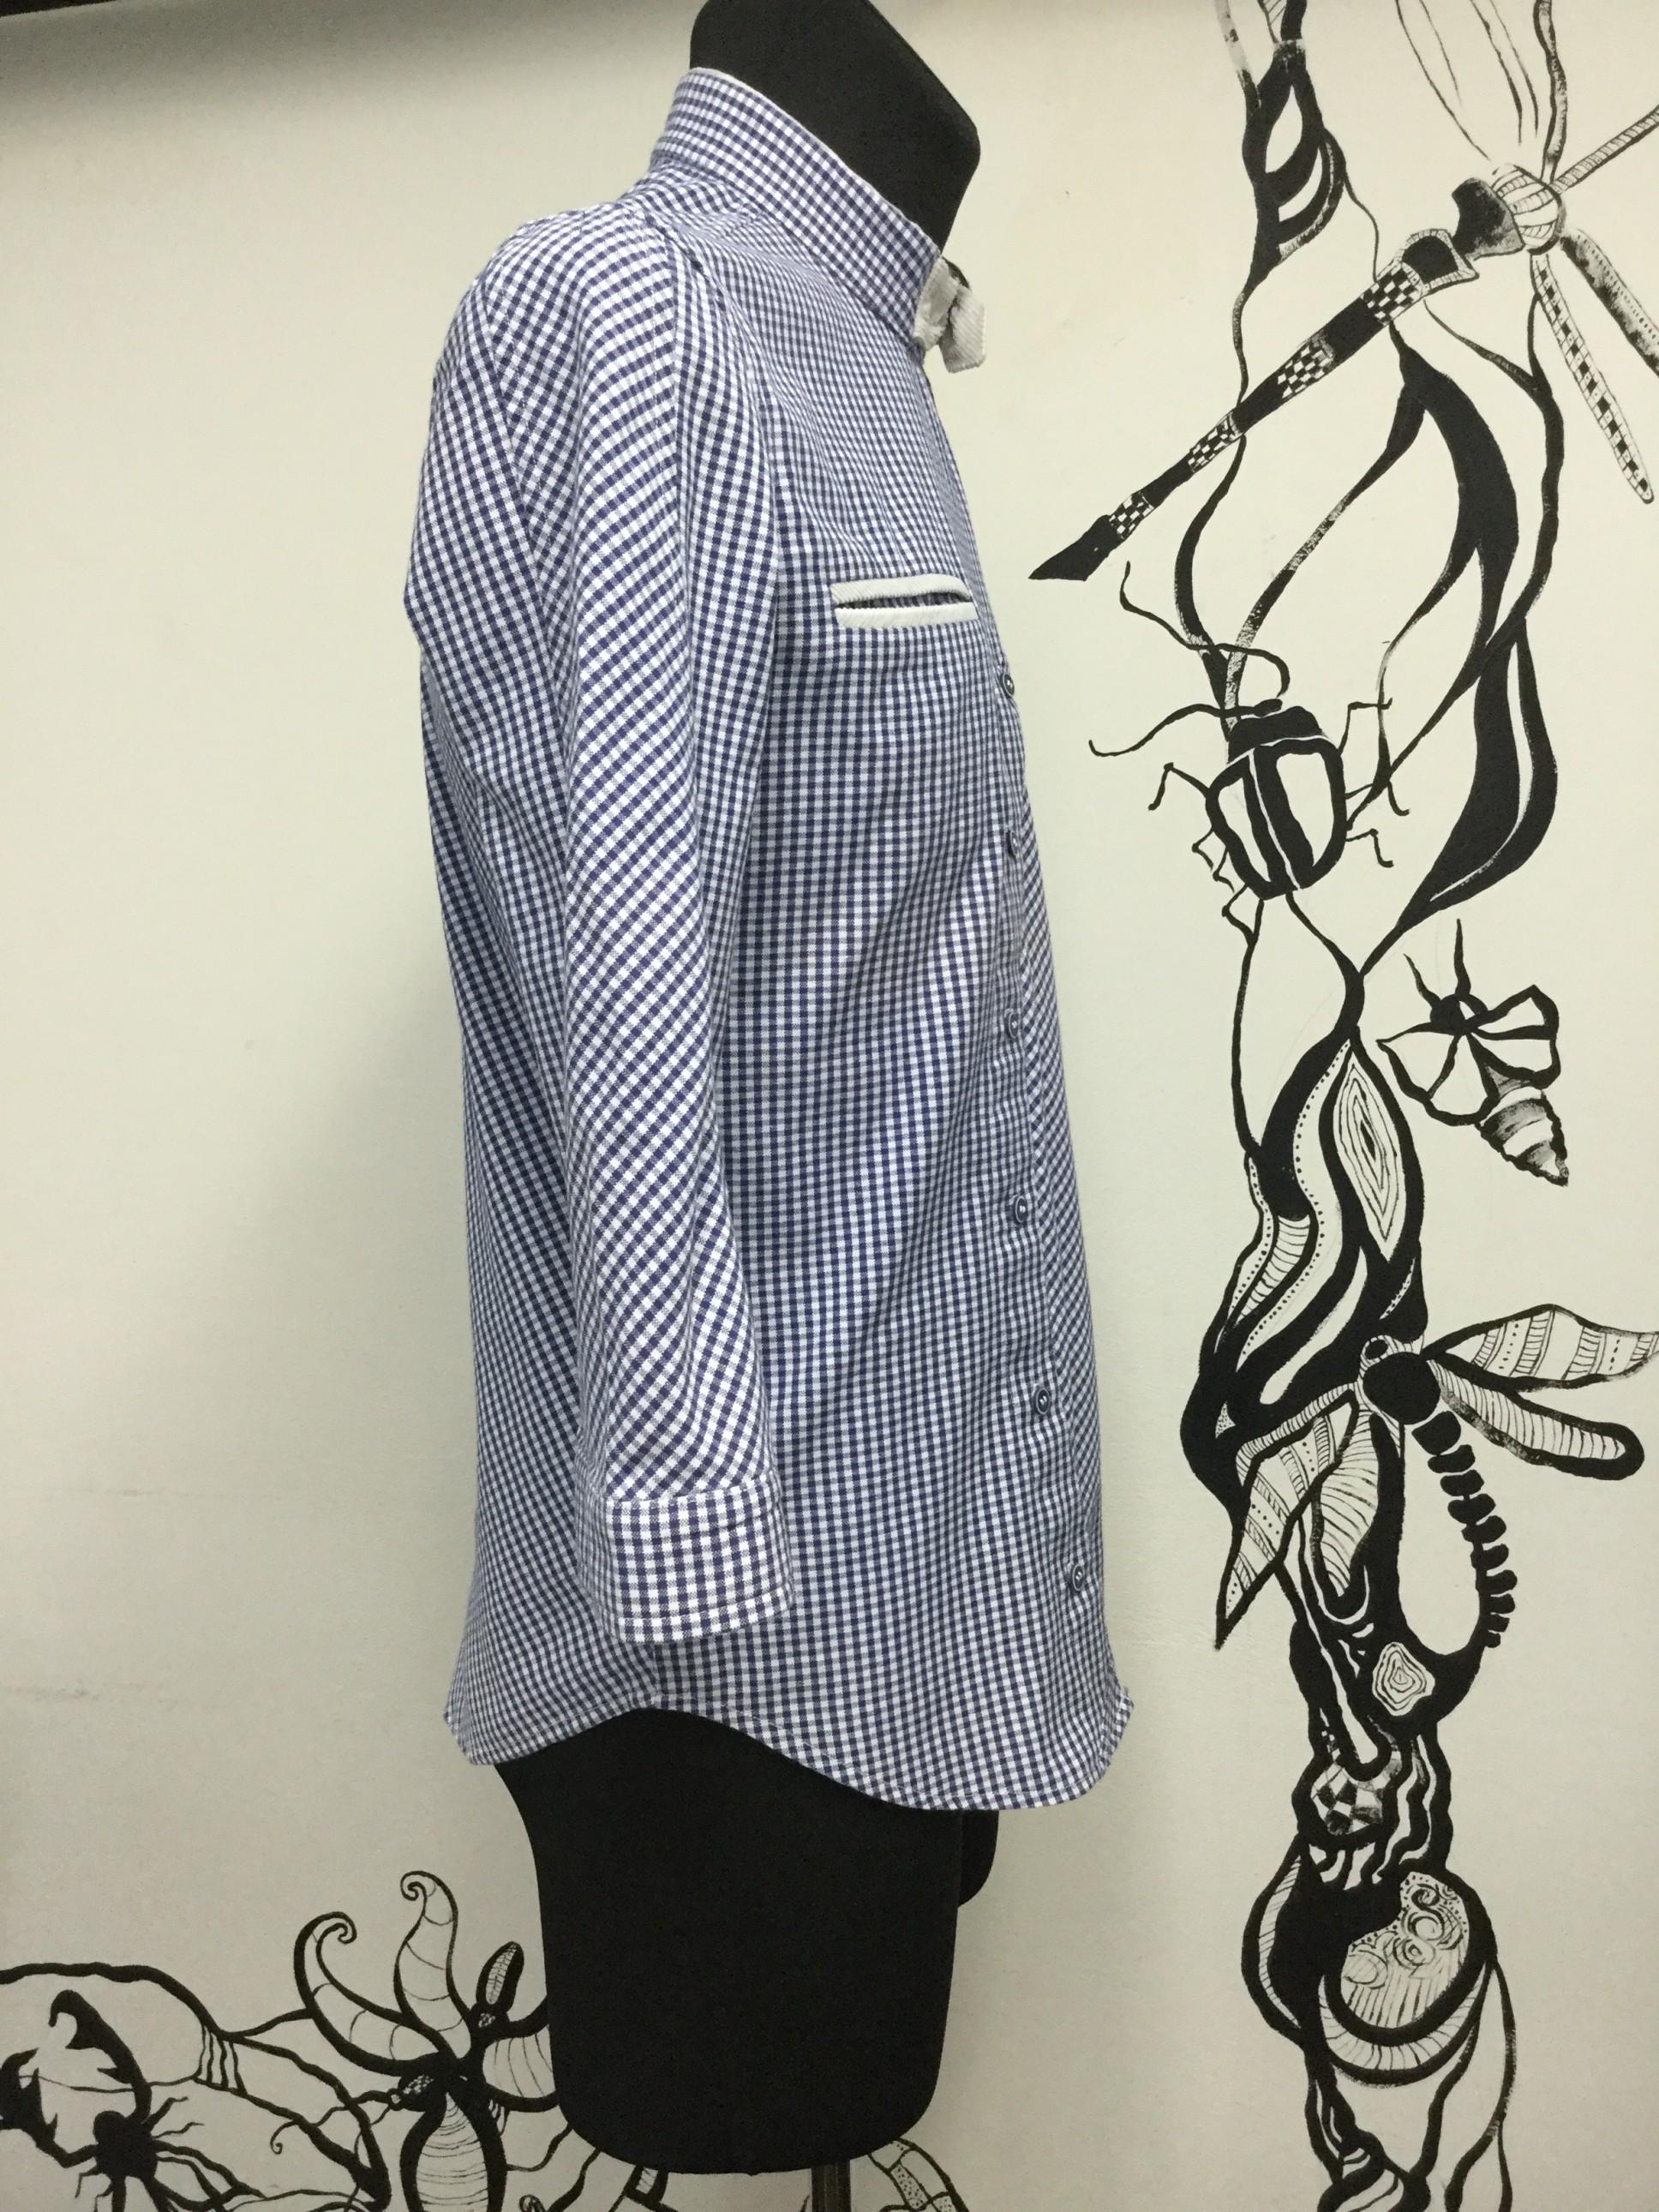 Мужская рубашка шить курсы кройки и шитья Школа дизайнерского мастерства Елизаветы Добрицкой